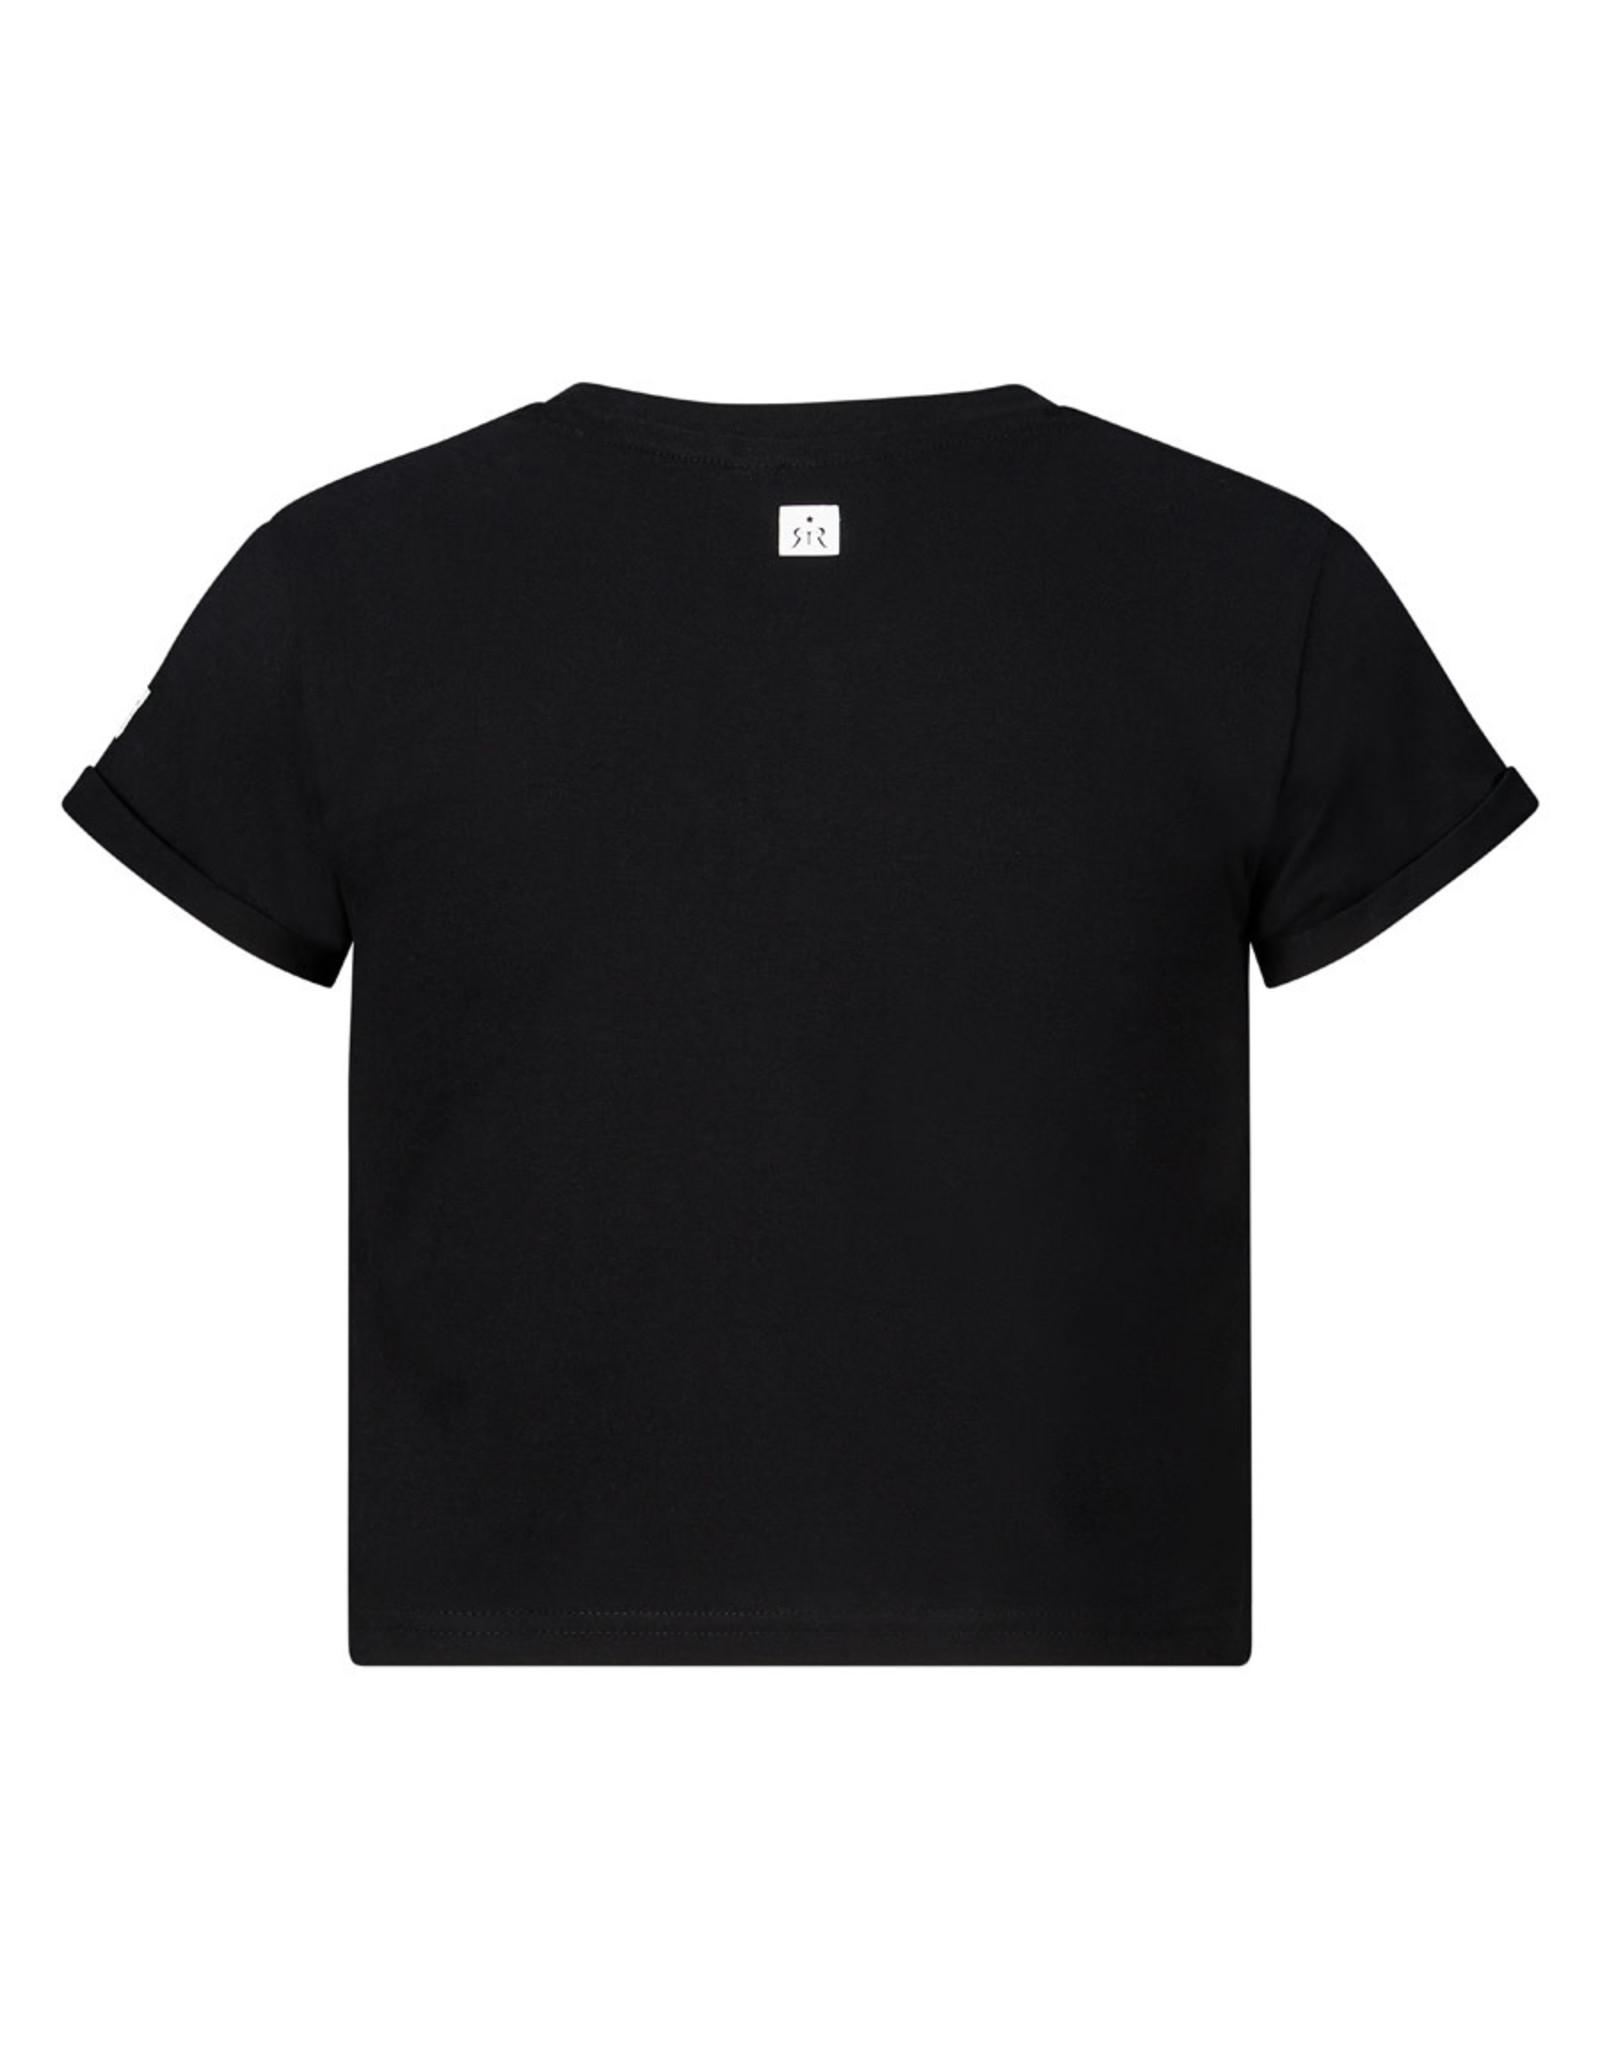 RETOUR Retour meiden crop top T-shirt Jolanda Black S21